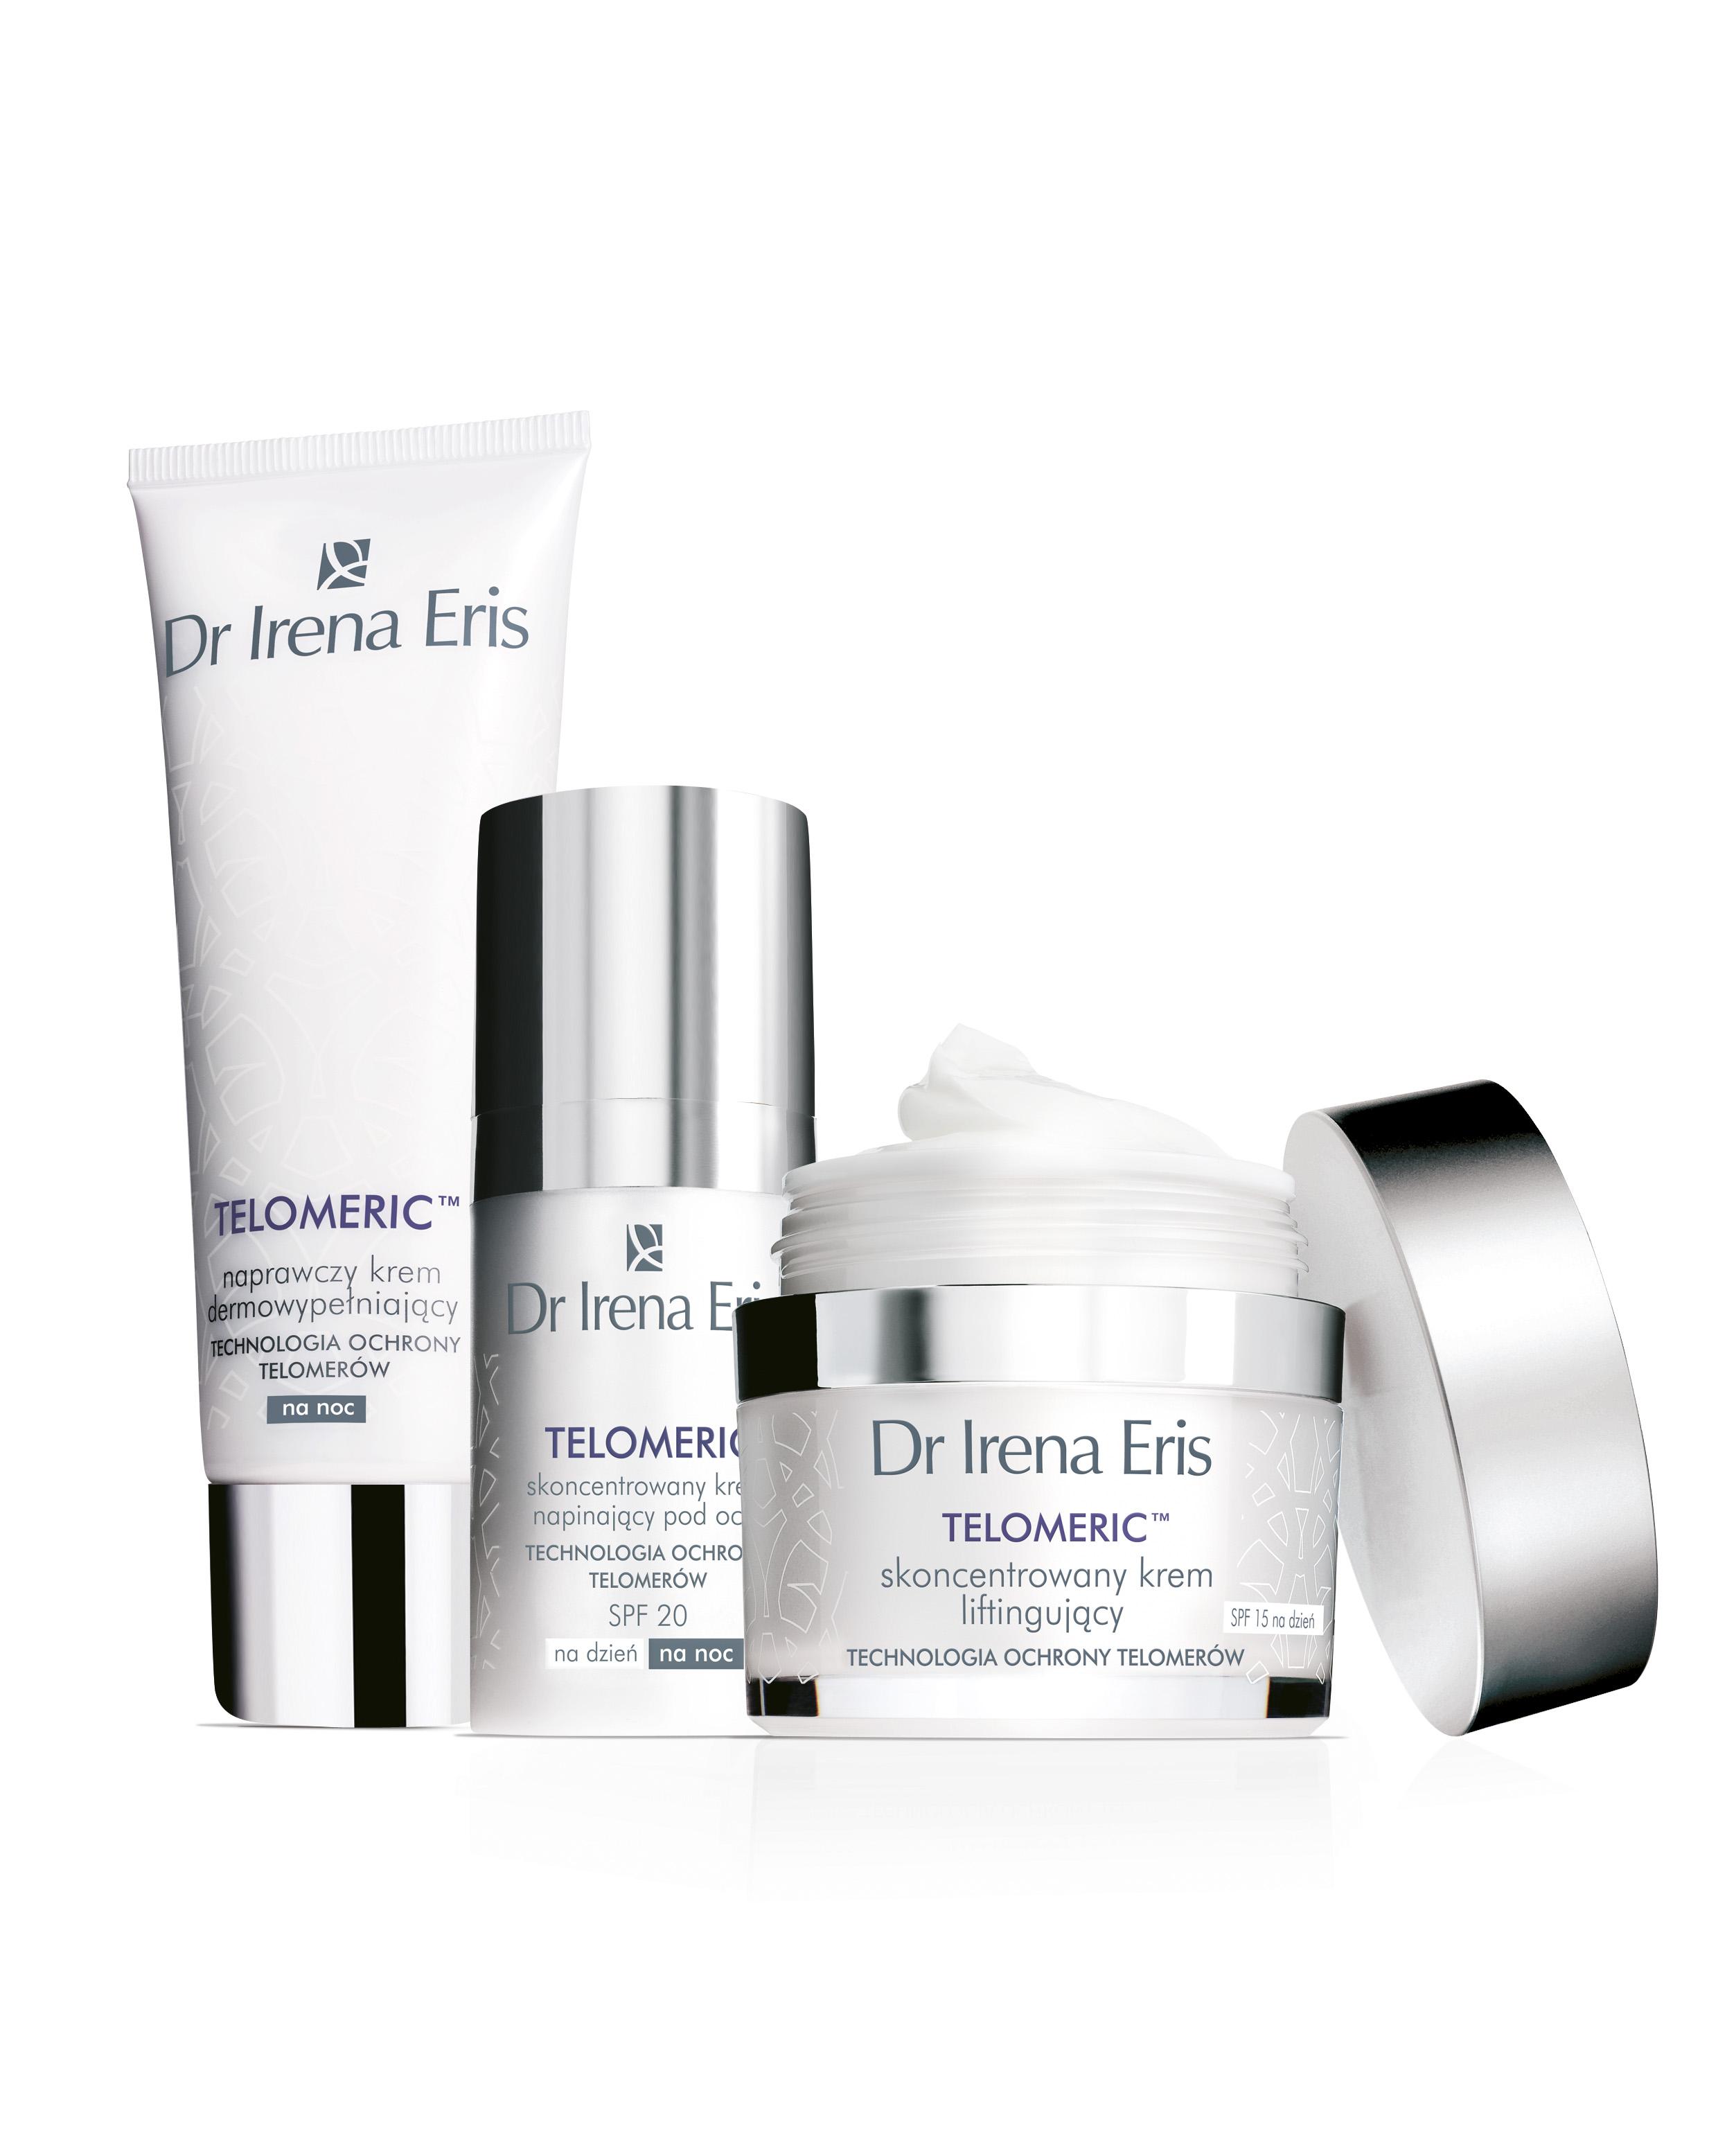 Laboratorium Kosmetyczne Dr Irena Eris - Laboratorium Kosmetyczne ... zdjęcie 1